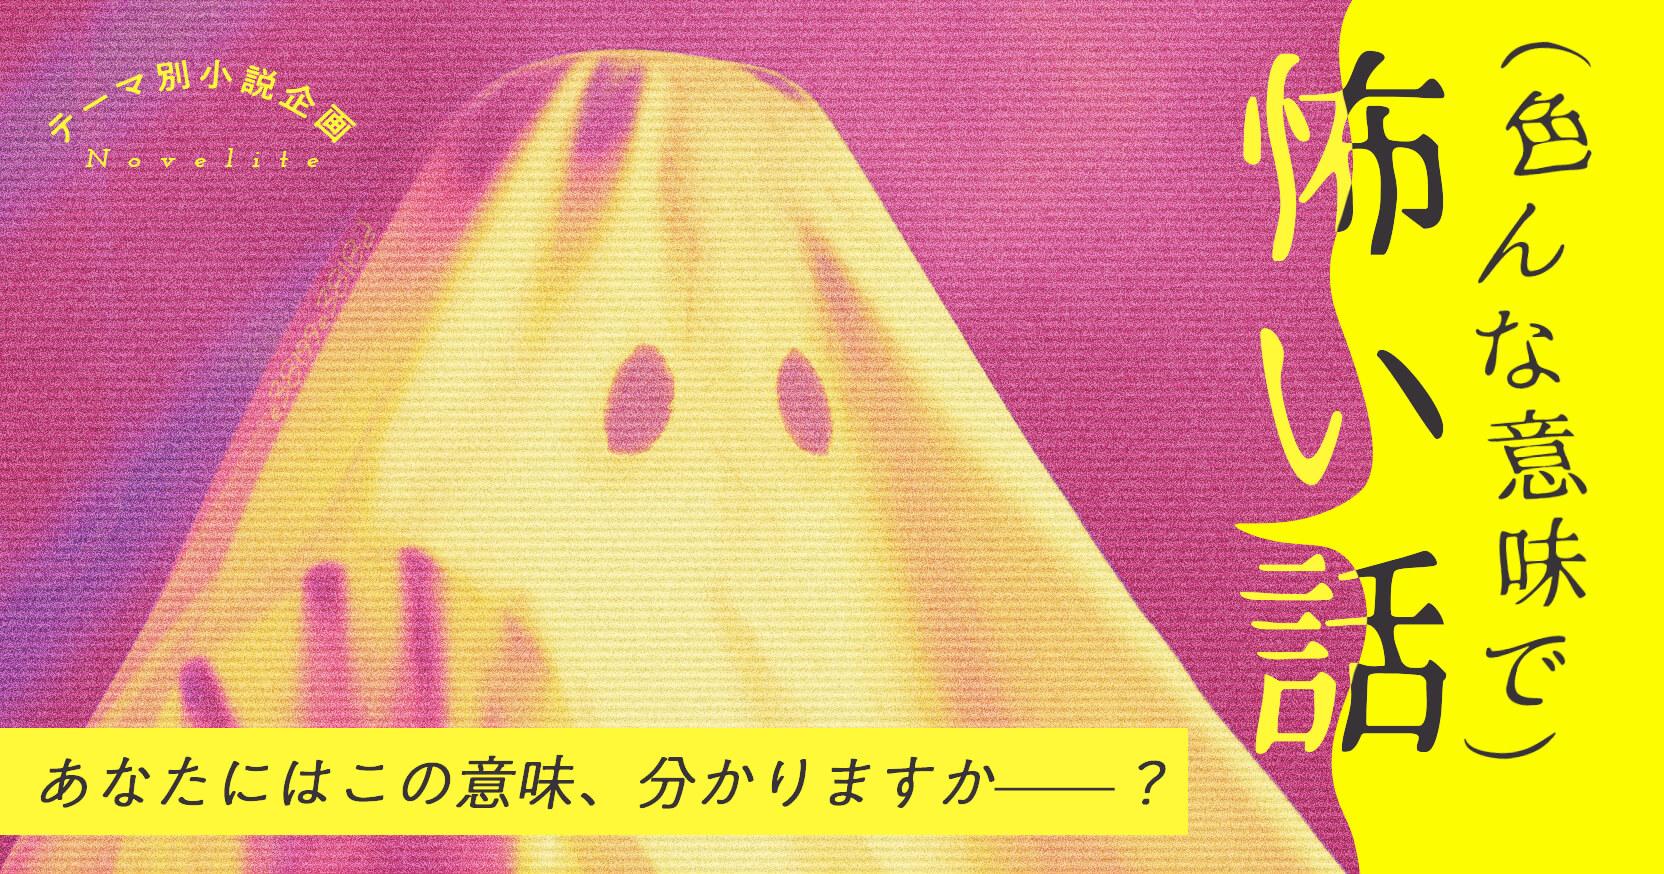 テーマ別小説企画Novelite テーマ「(色んな意味で)怖い話」